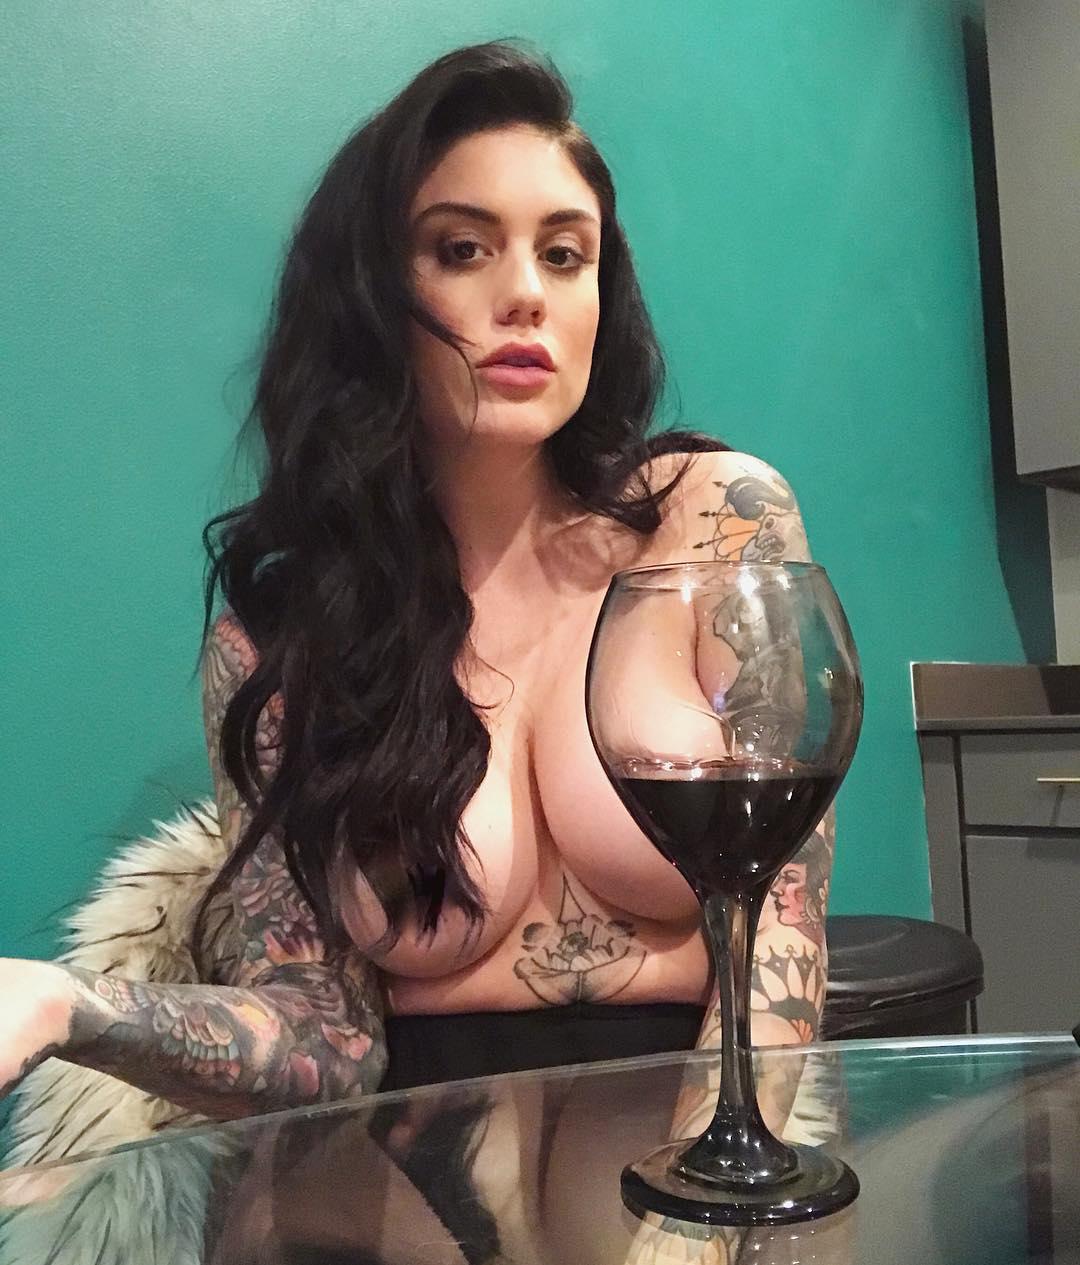 Татуированная дочь прерий с роскошными формами (25 фото)